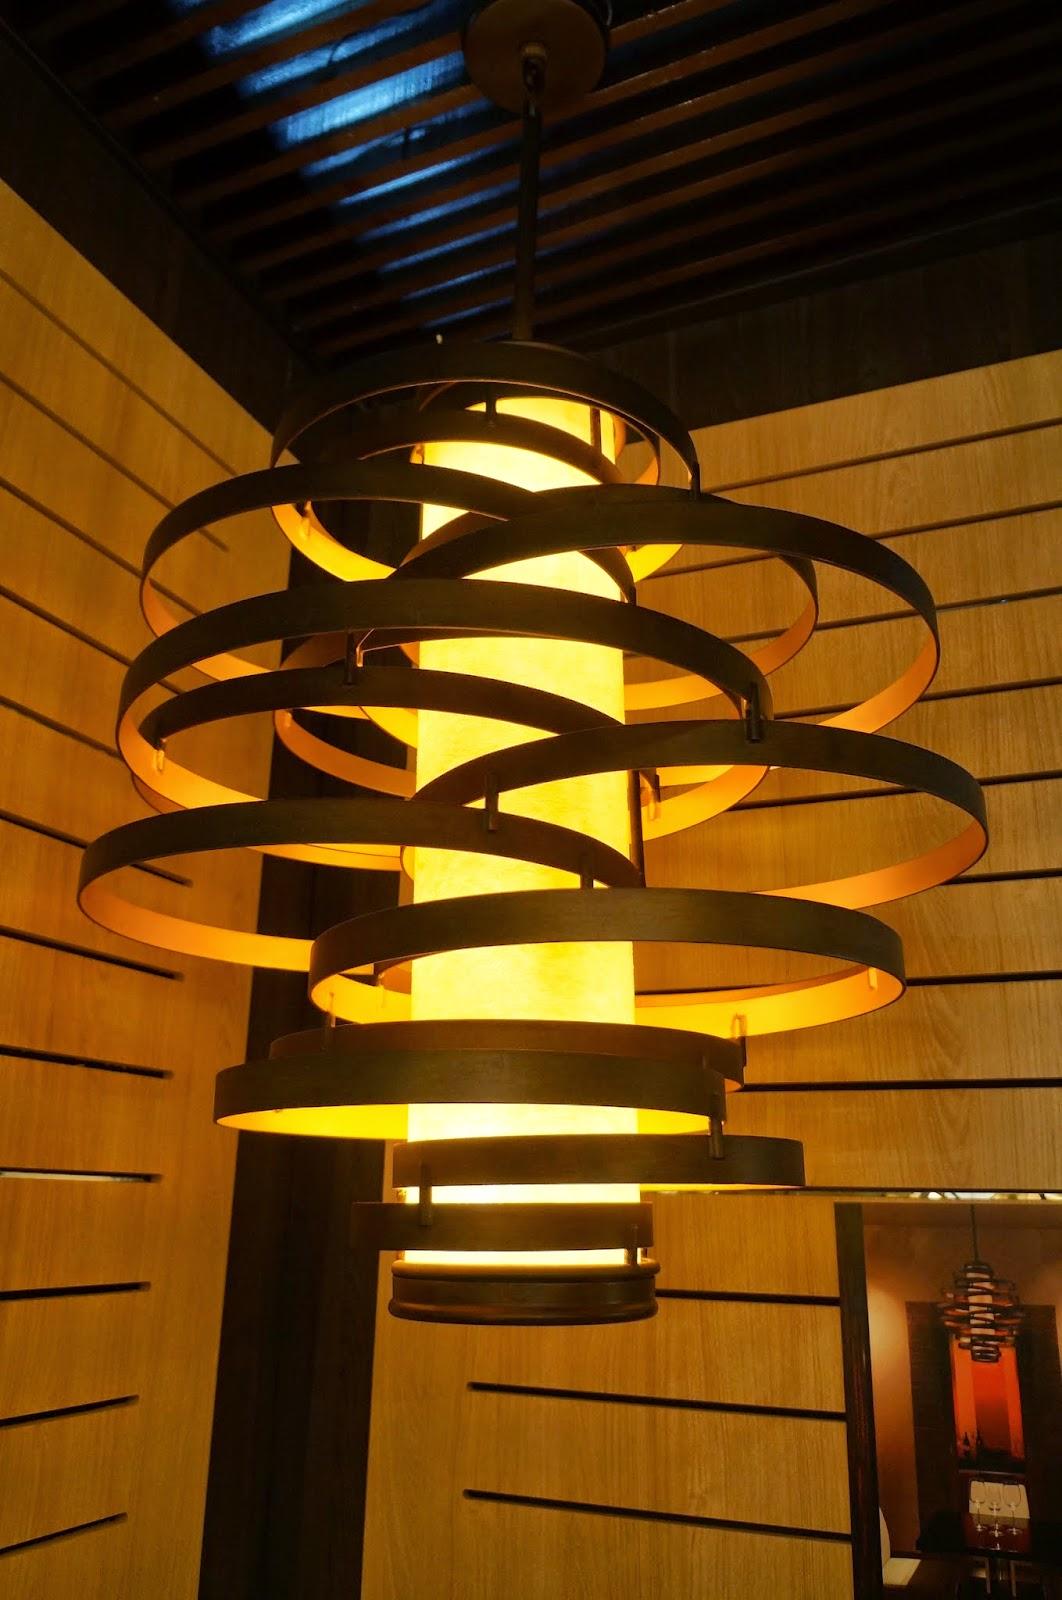 pendente Vertigo de ferro forjado à mão - Corbett Lighting - Expolux 2014